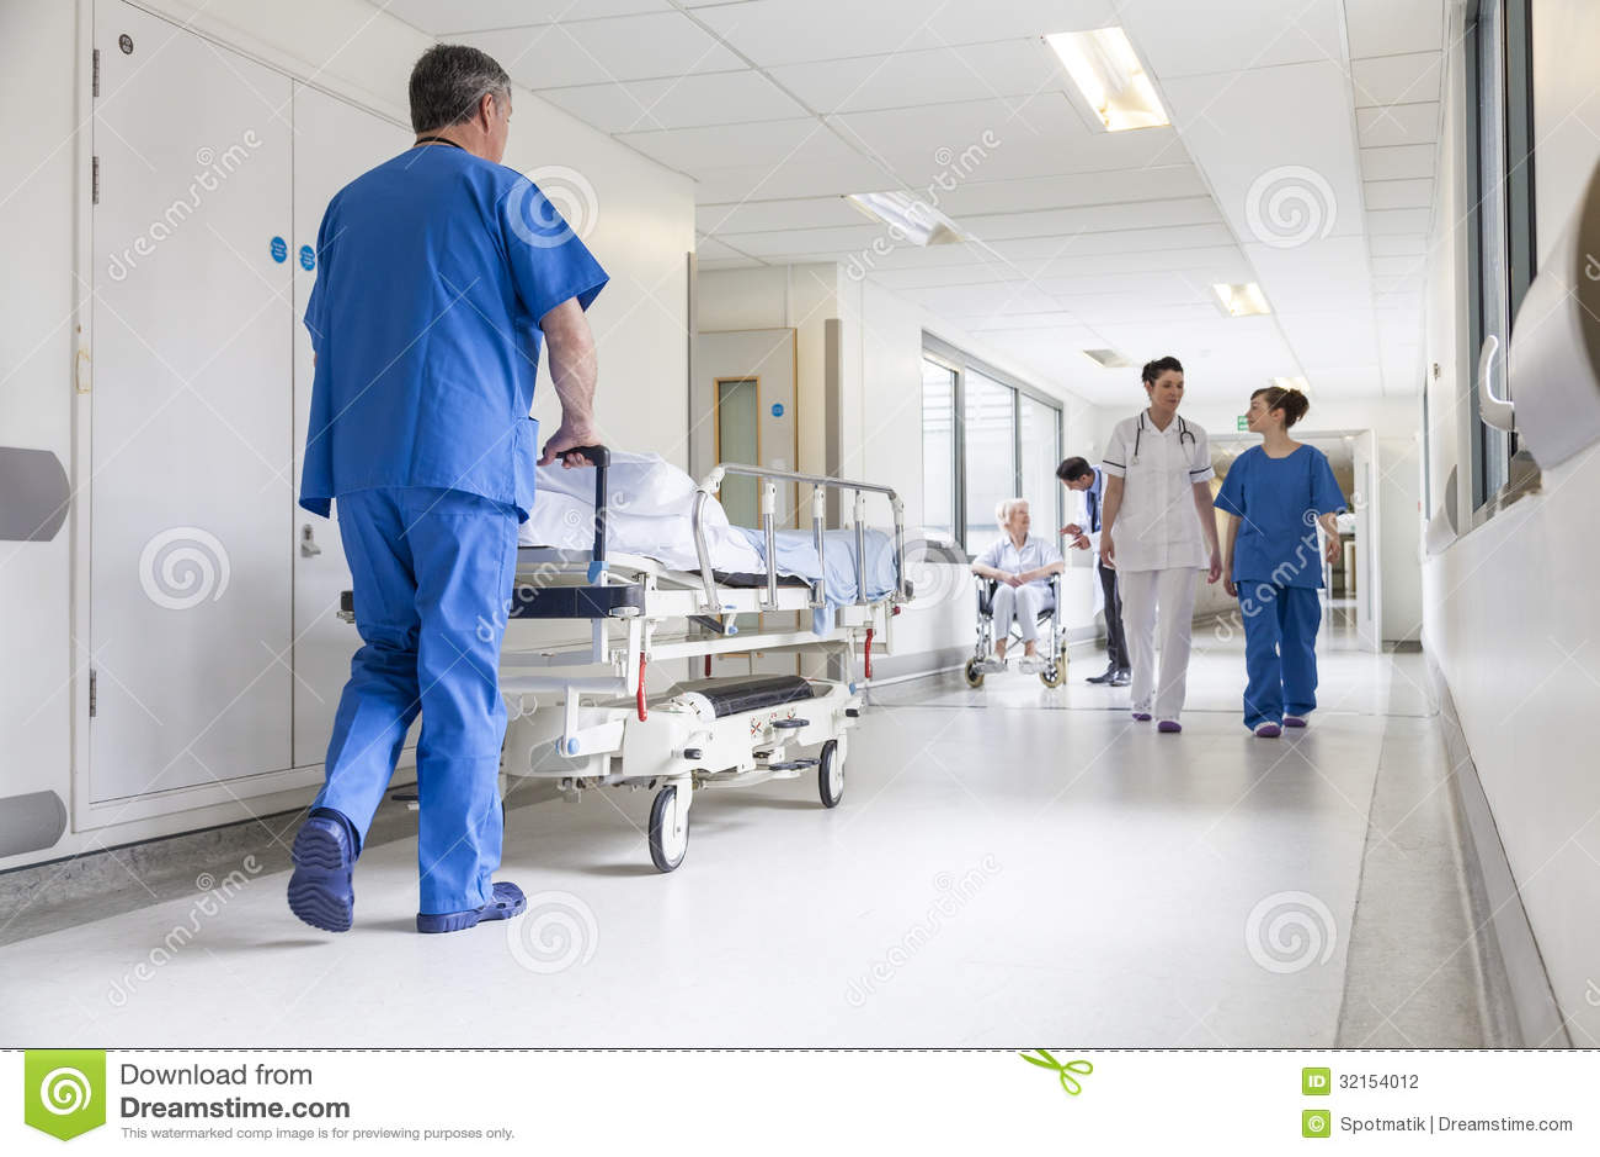 Cama de los doctores Hospital Corridor Nurse Pushing Gurney Stretcher